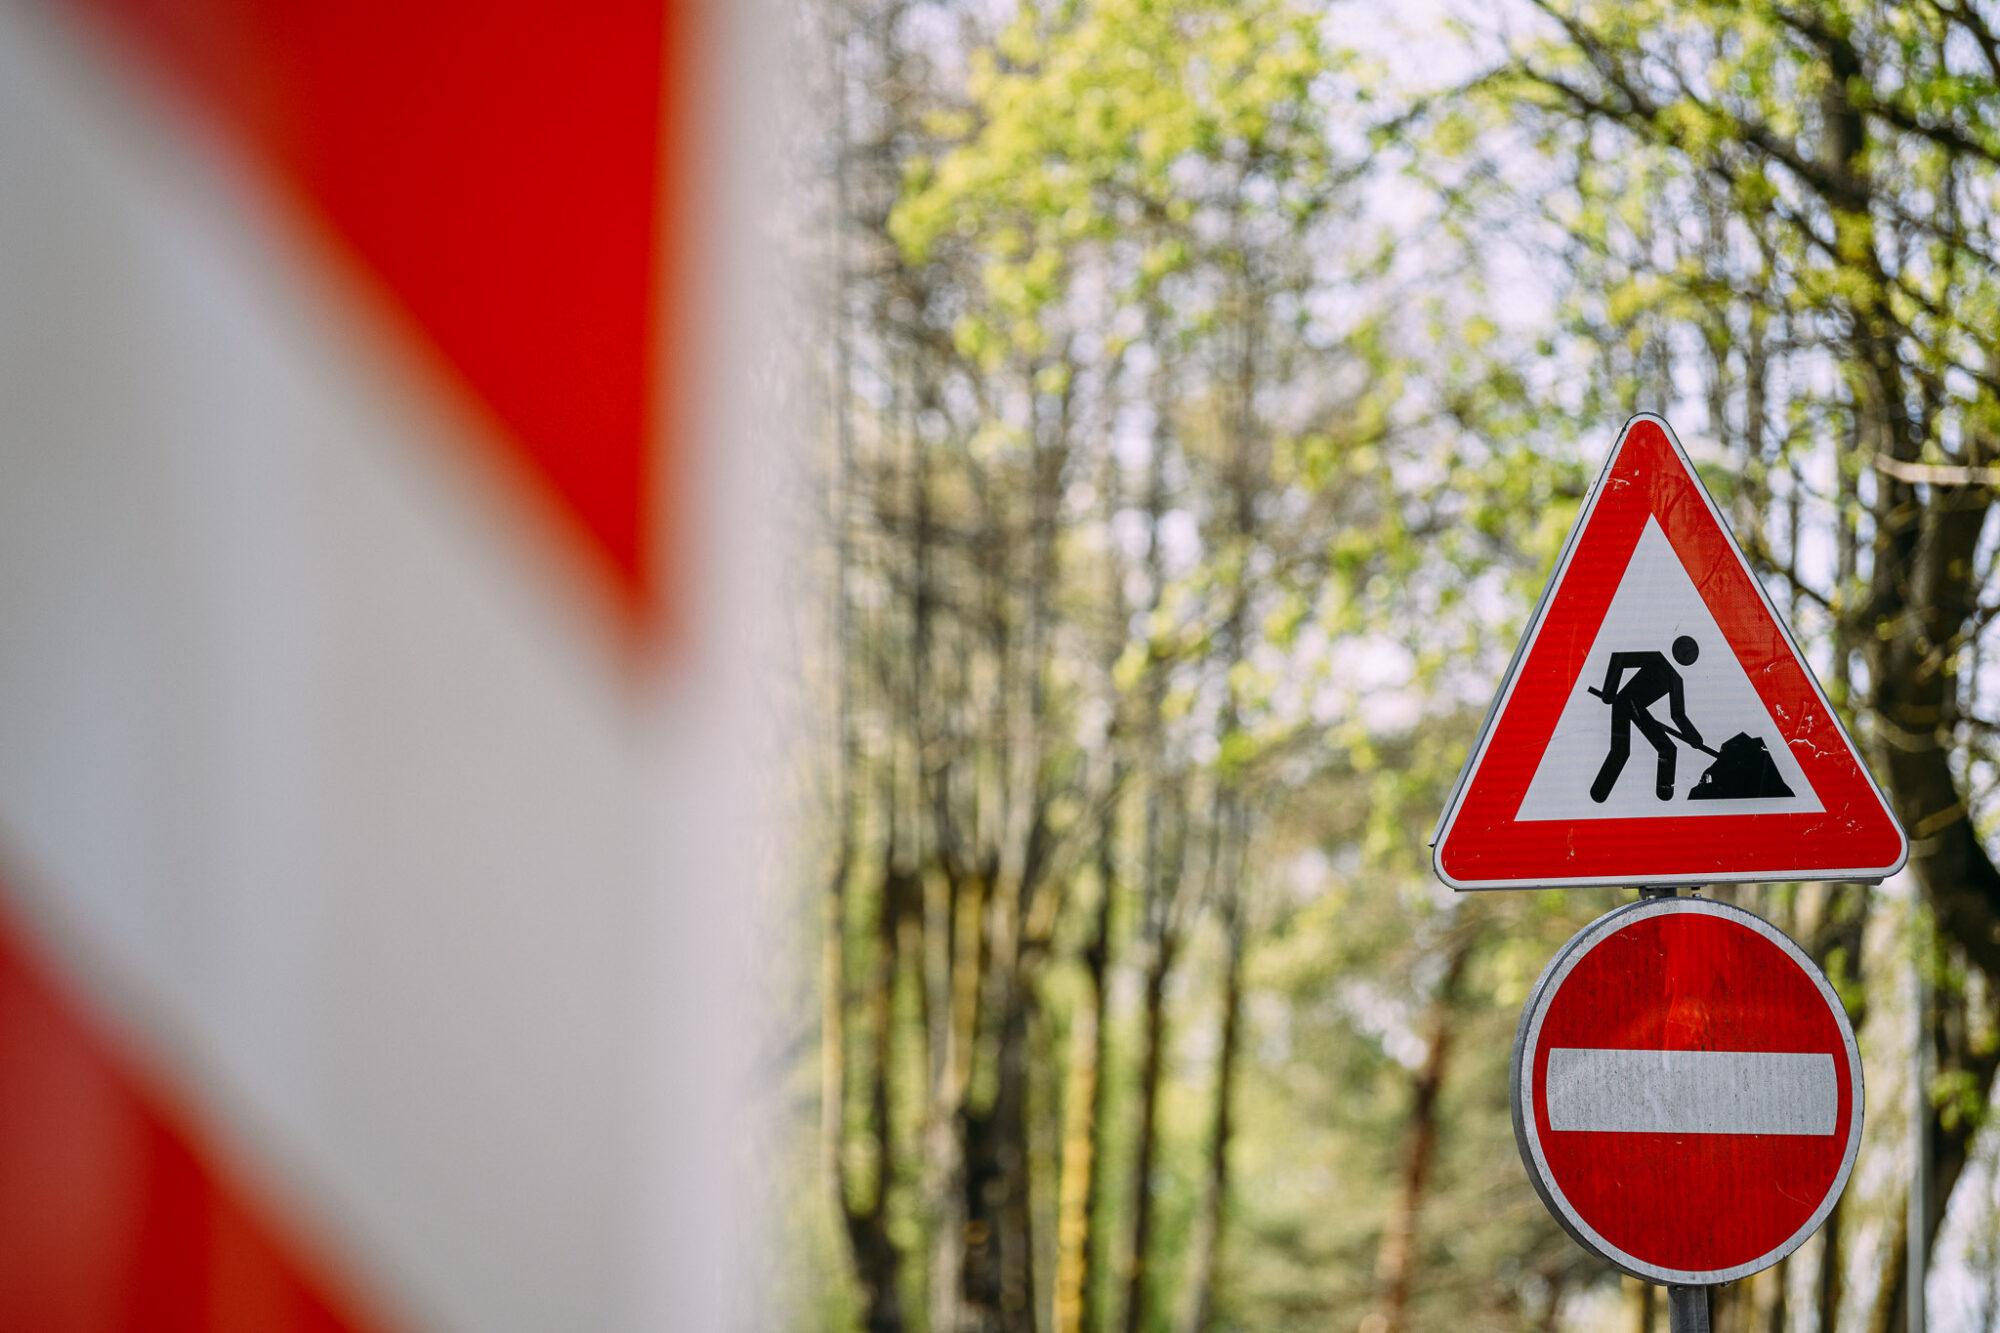 Slēgs satiksmi Vaiņodes un Reiņu meža ielu posmos